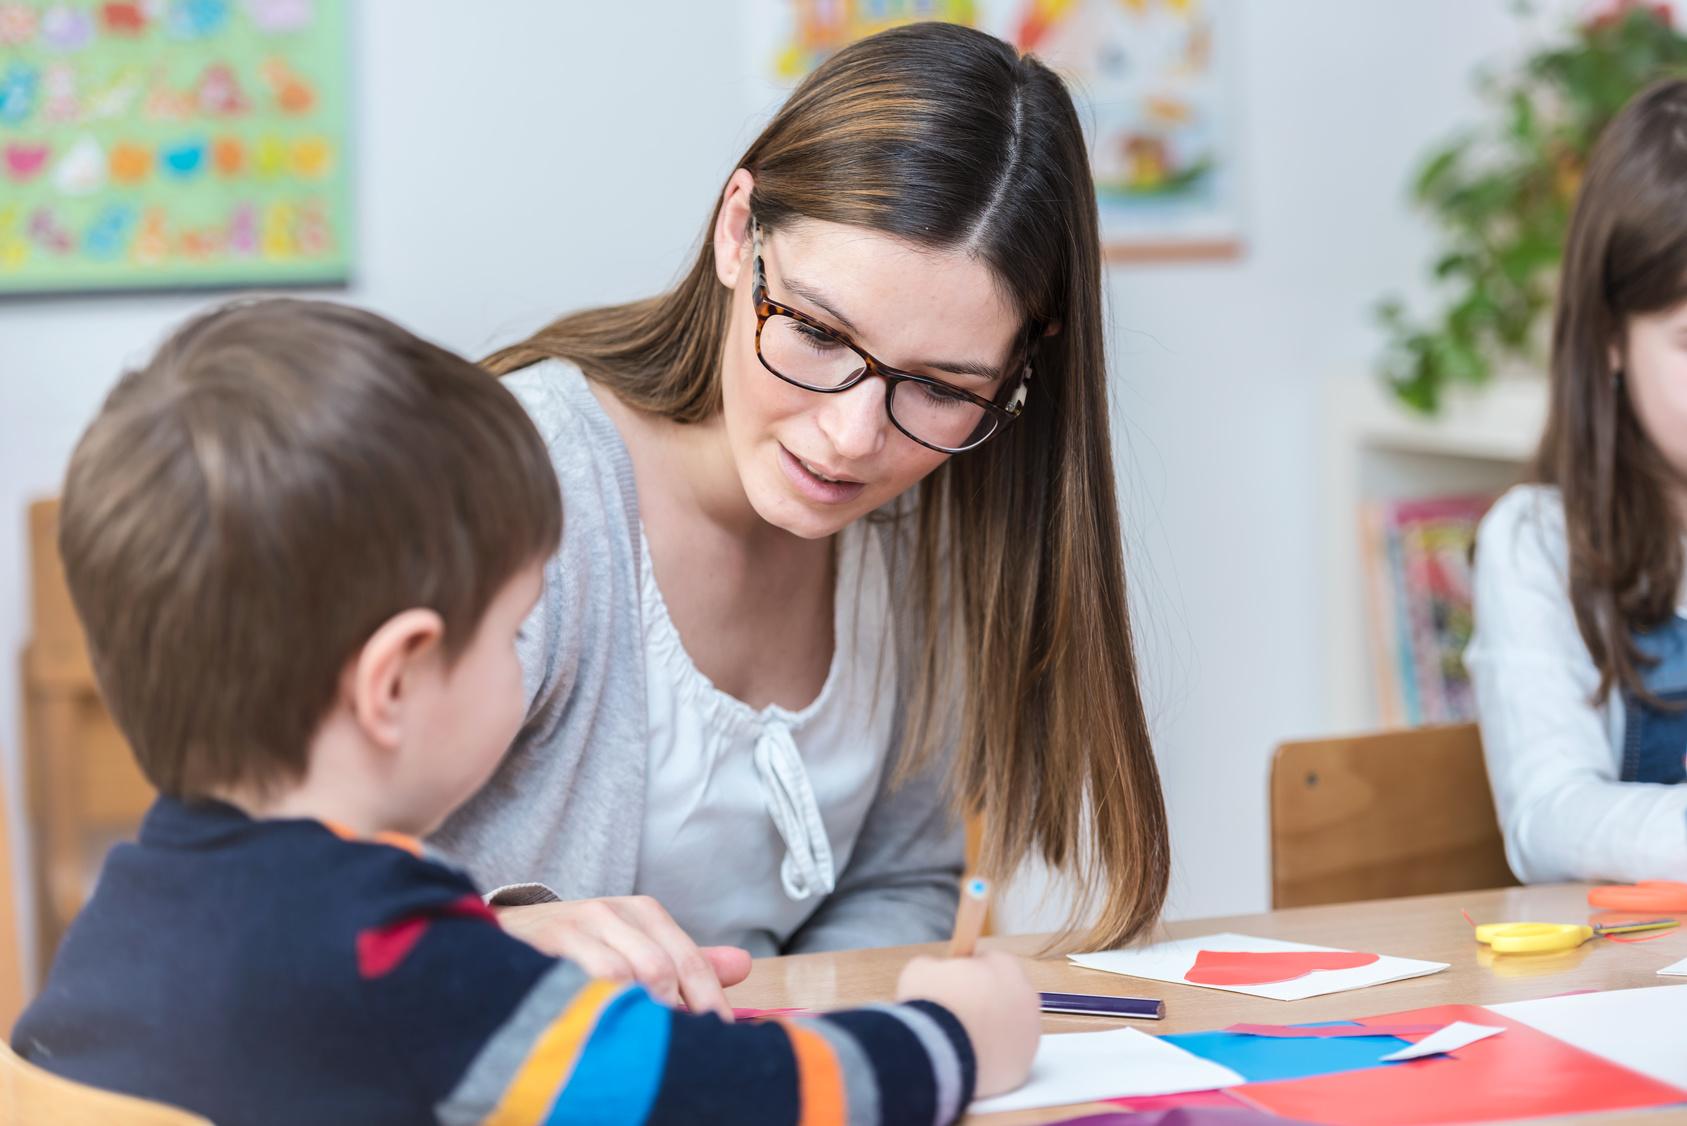 Educador infantil, Educación infantil a domicilio